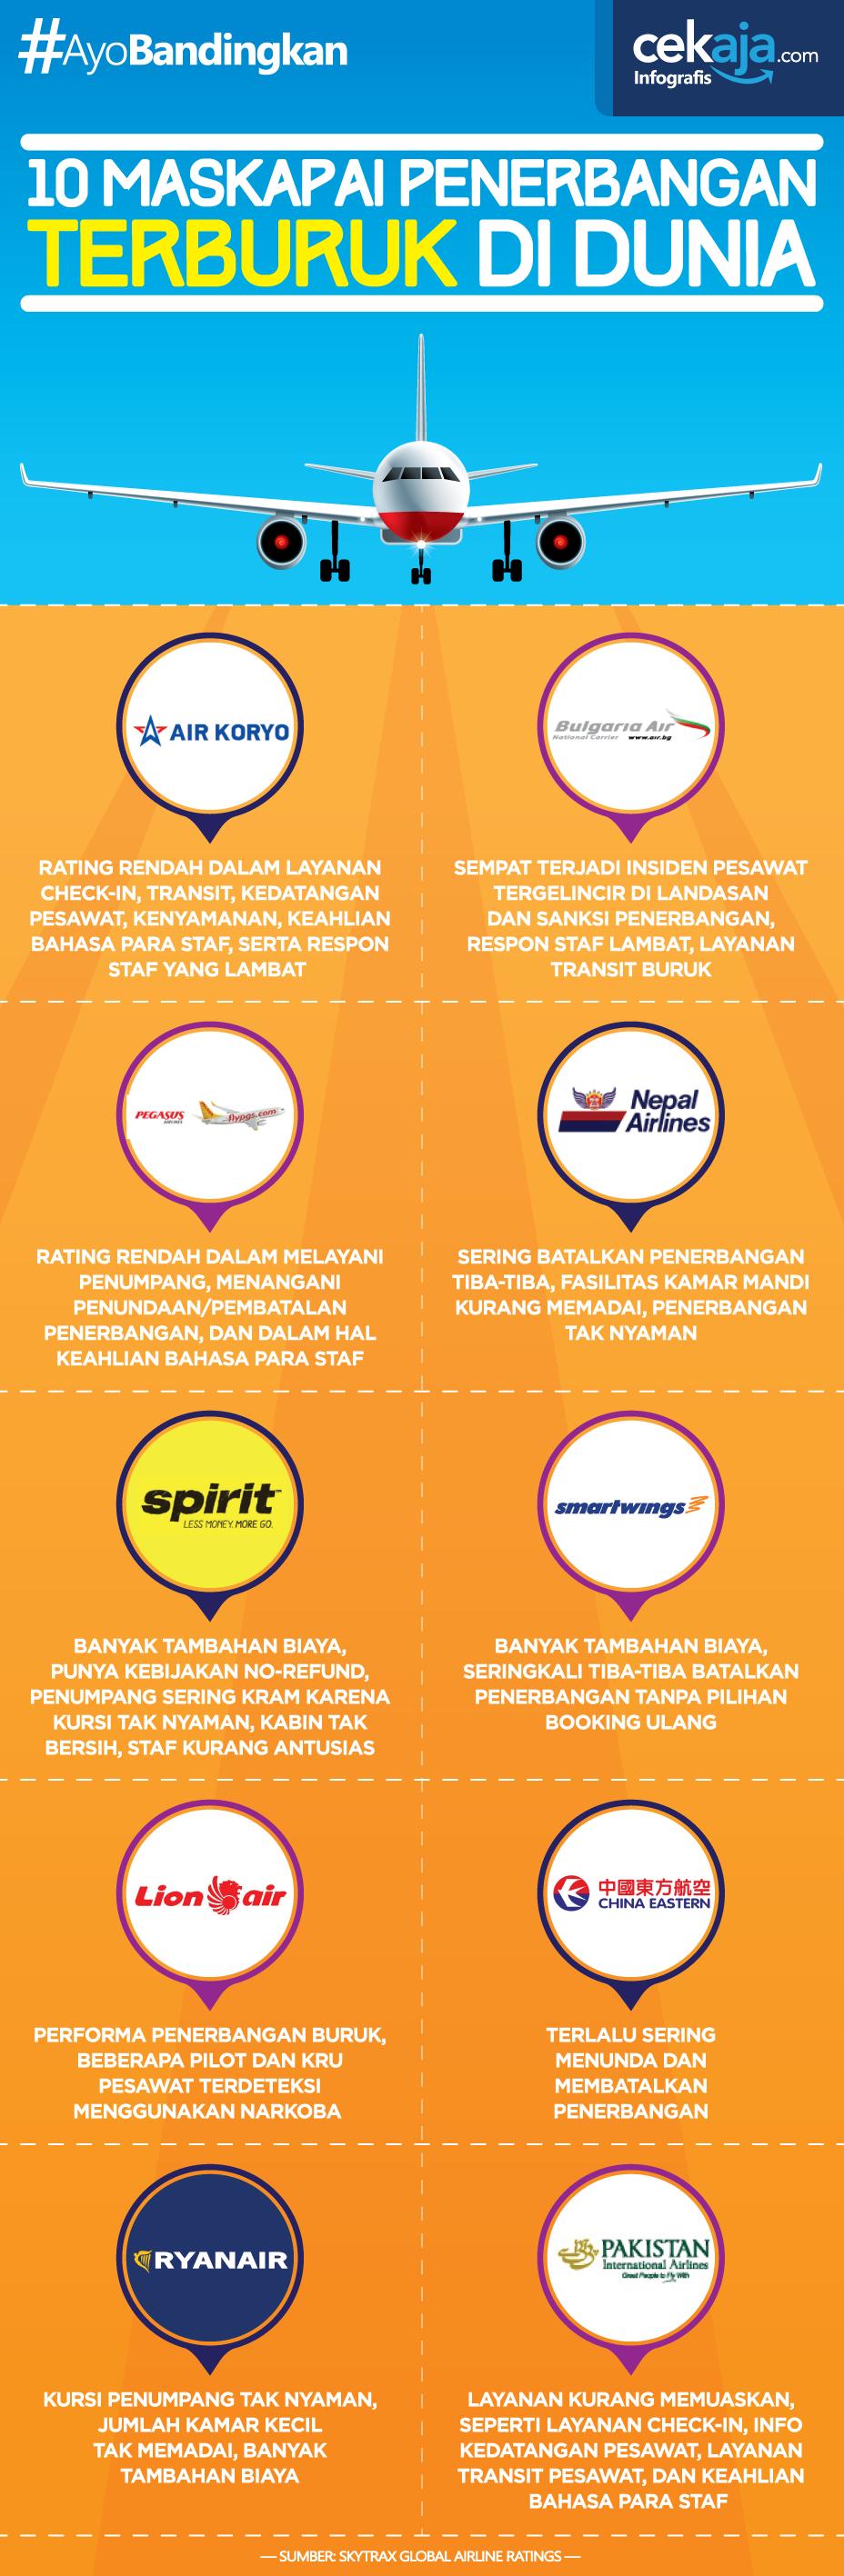 INFOGRAFIS Maskapai Penerbangan Terburuk di Dunia - CekAja